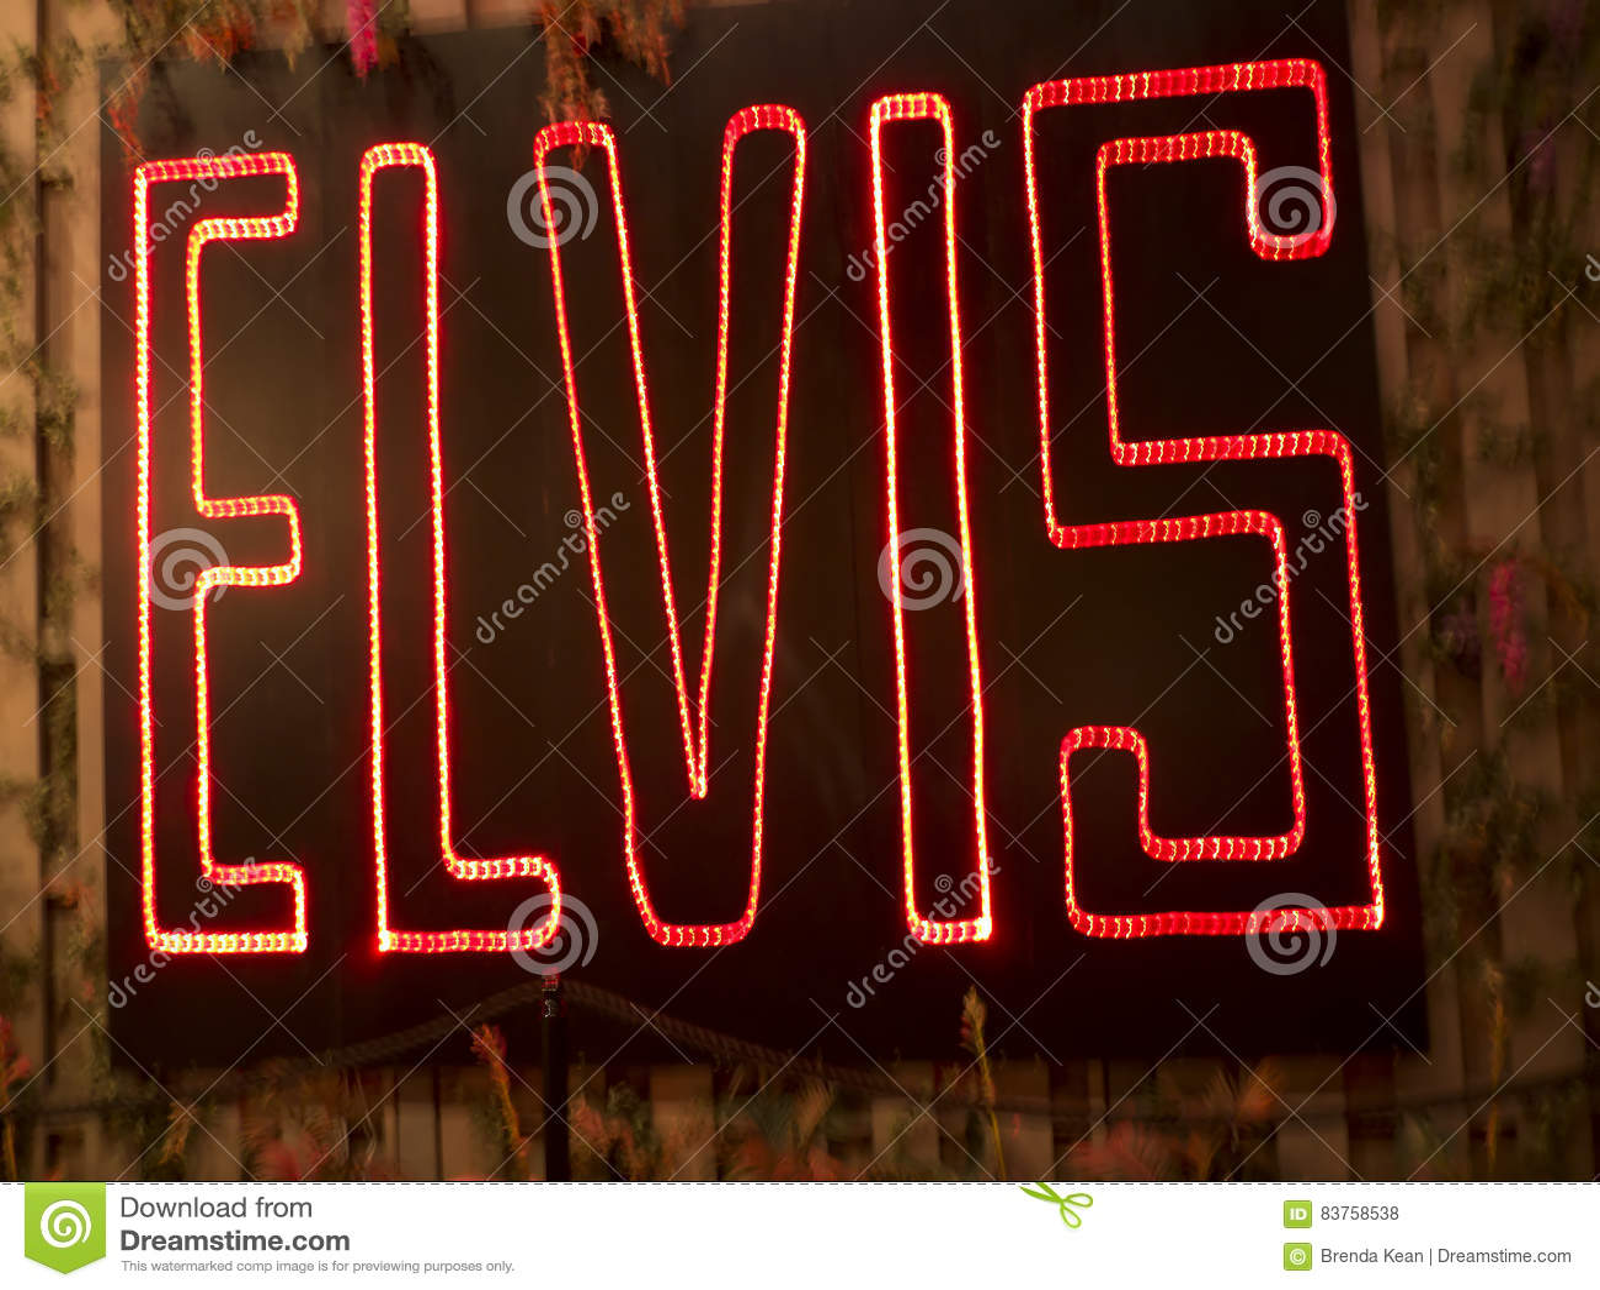 Graceland jest domem piosenkarz Elvis Presley w stylu antebellum dwór i magnes dla fan muzyki